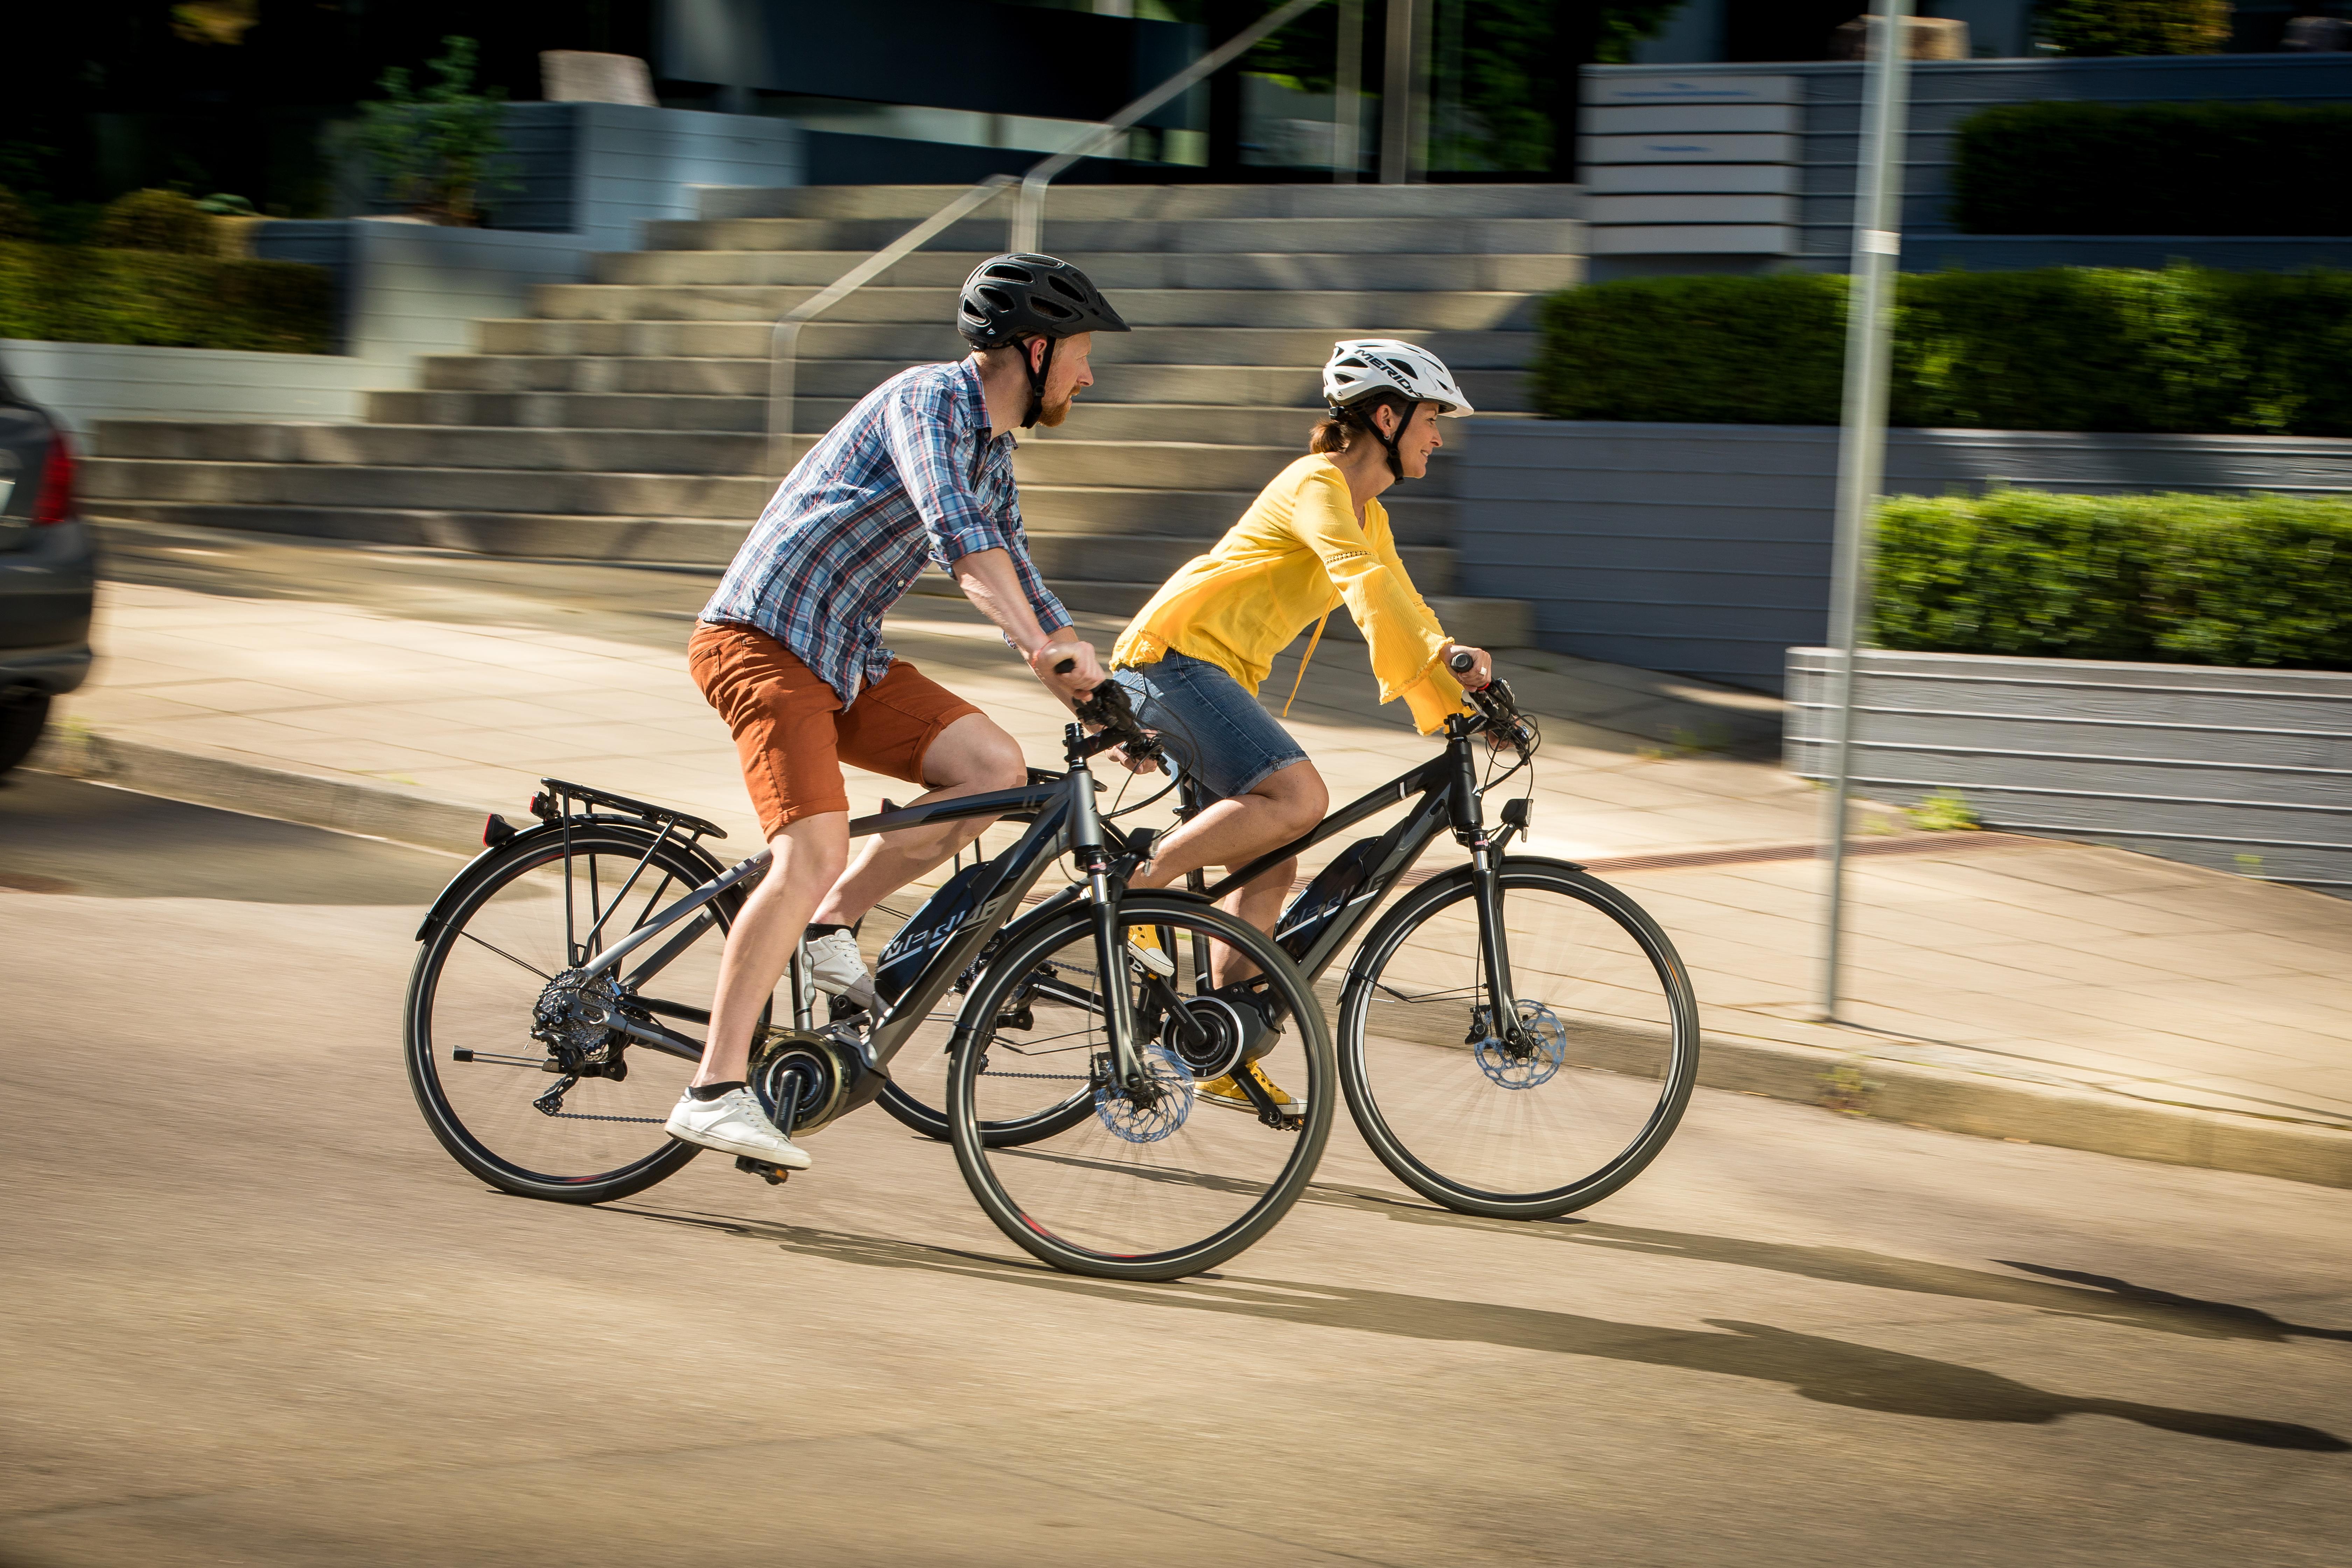 Adori sa te plimbi cu bicicleta? Iata 5 accesorii esentiale pentru orice biciclist!